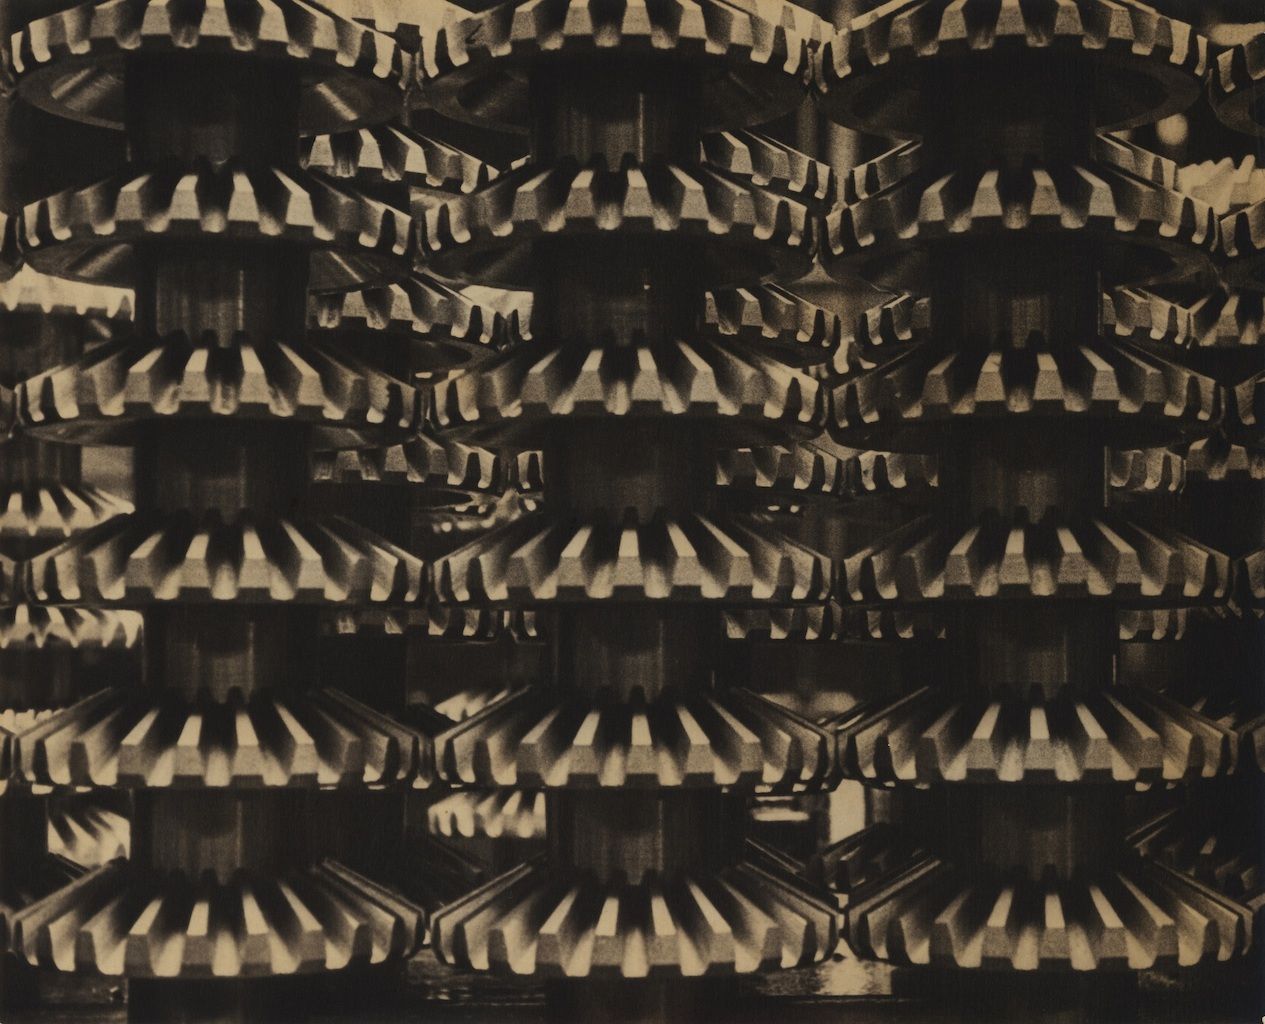 Alexander Rodchenko in mostra a Palermo